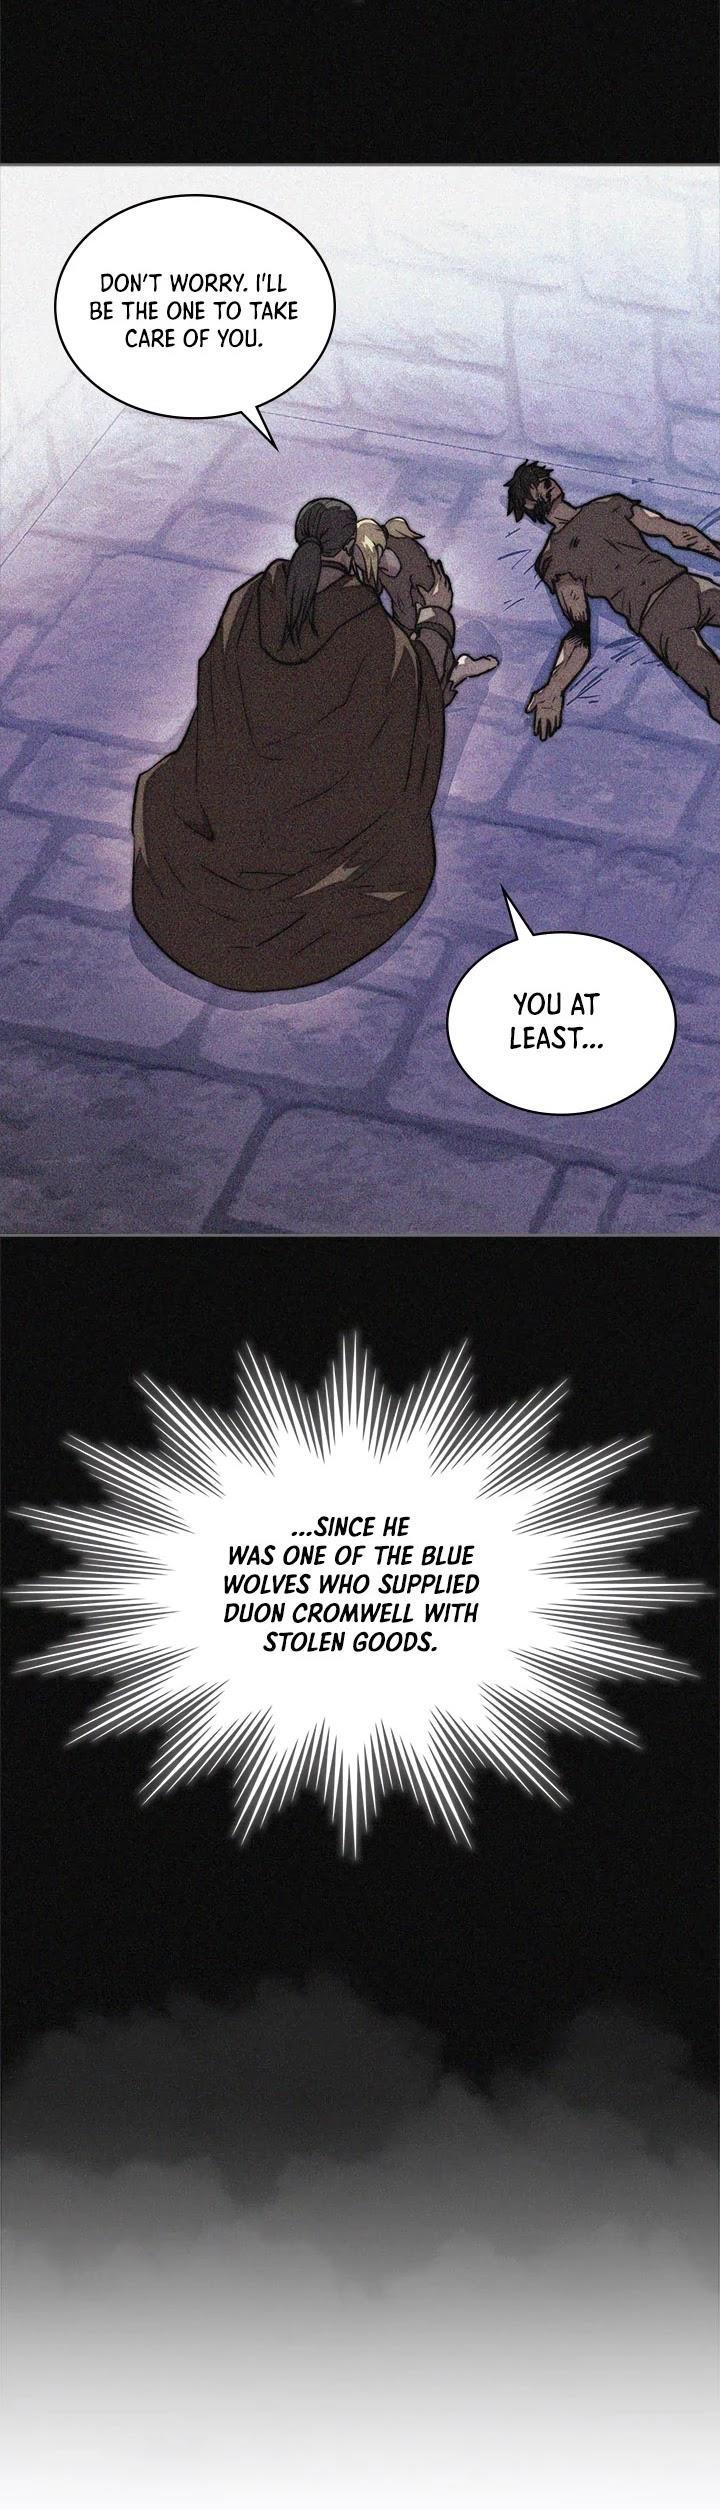 Other World Warrior Chapter 171: Season 4 Ch 59 page 13 - Mangakakalot